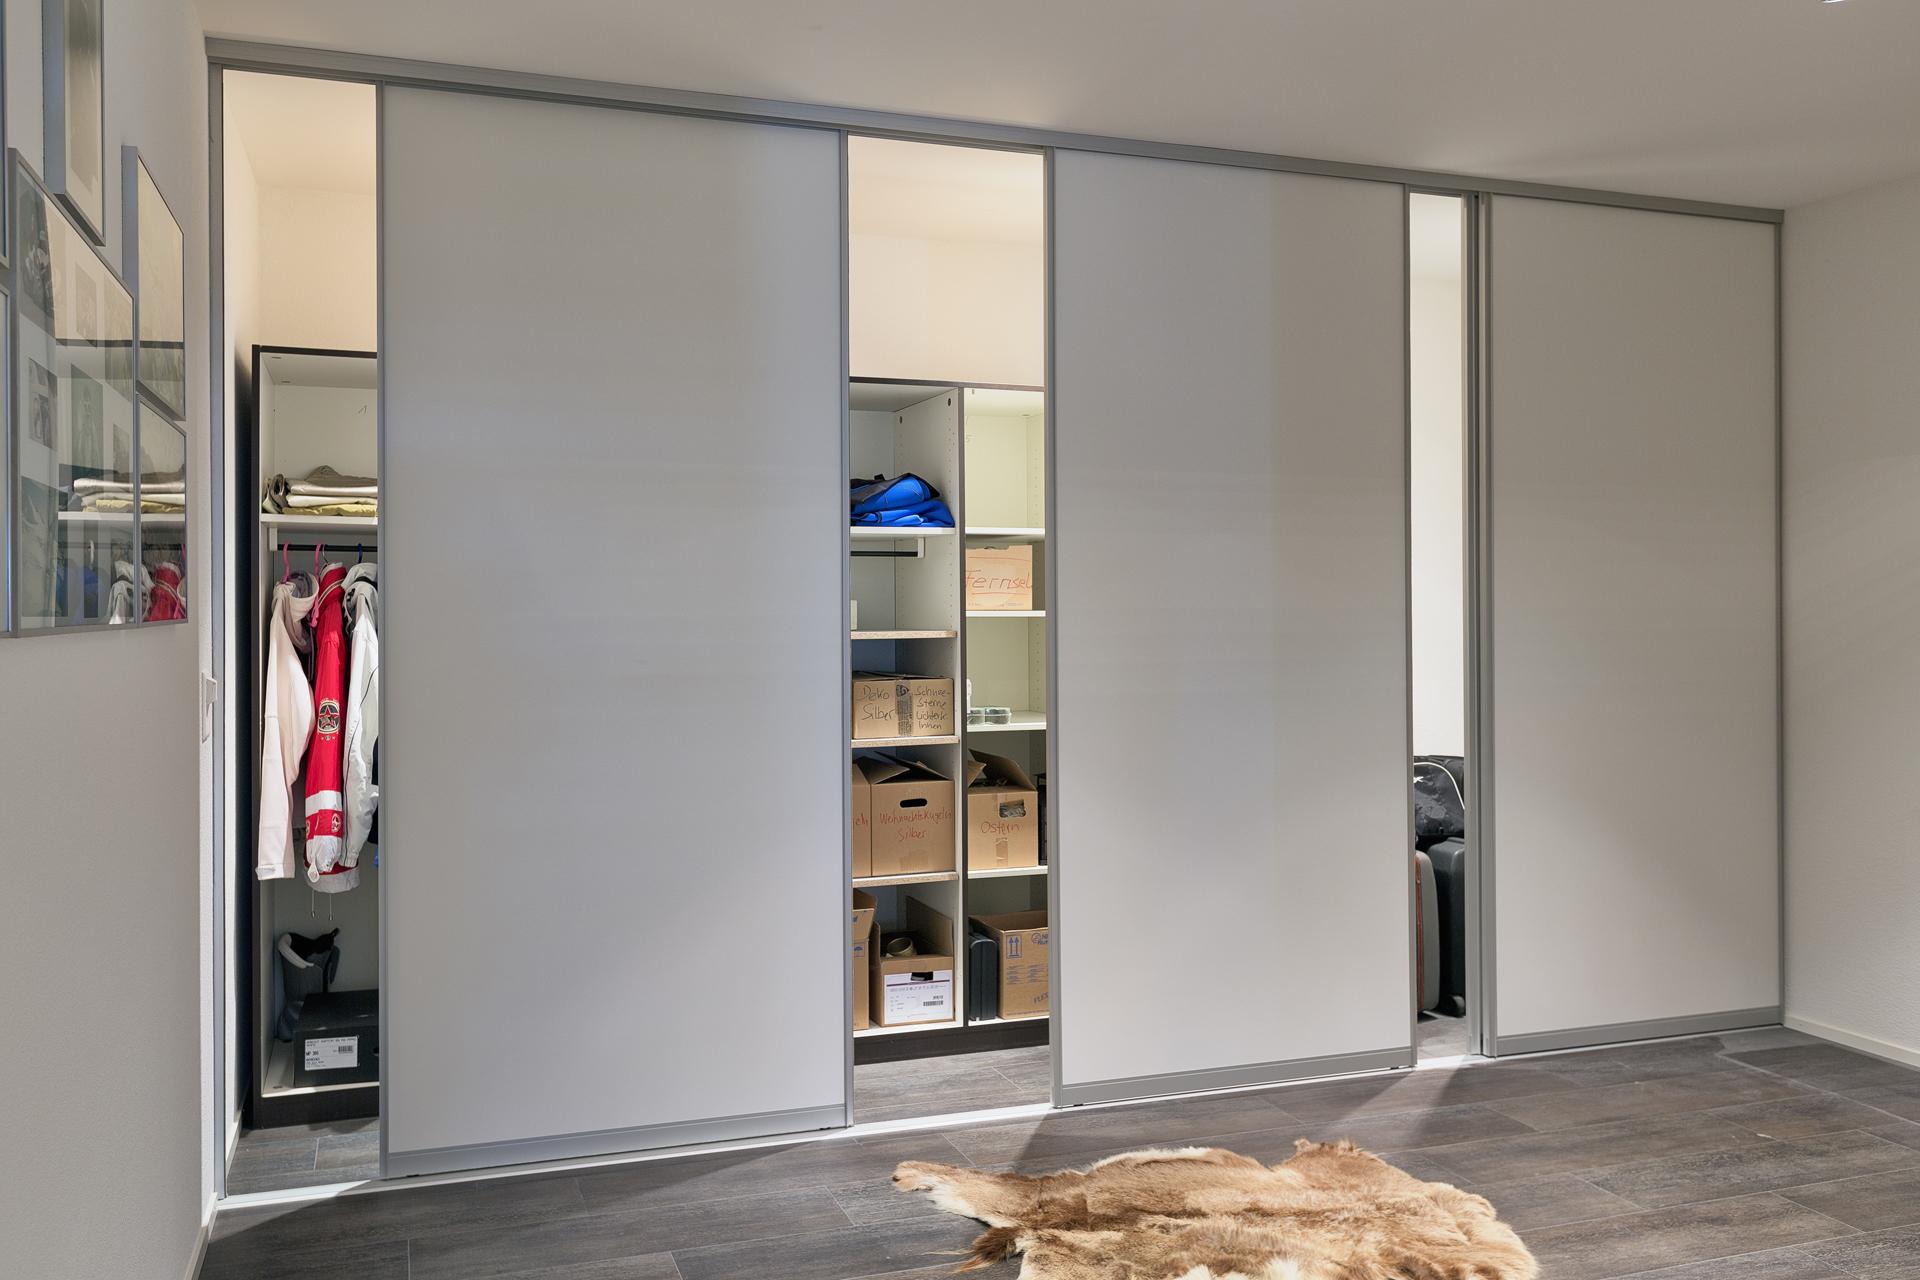 Raumhoher Schrankraum mit Schiebetüren im Untergeschoss neben dem ...